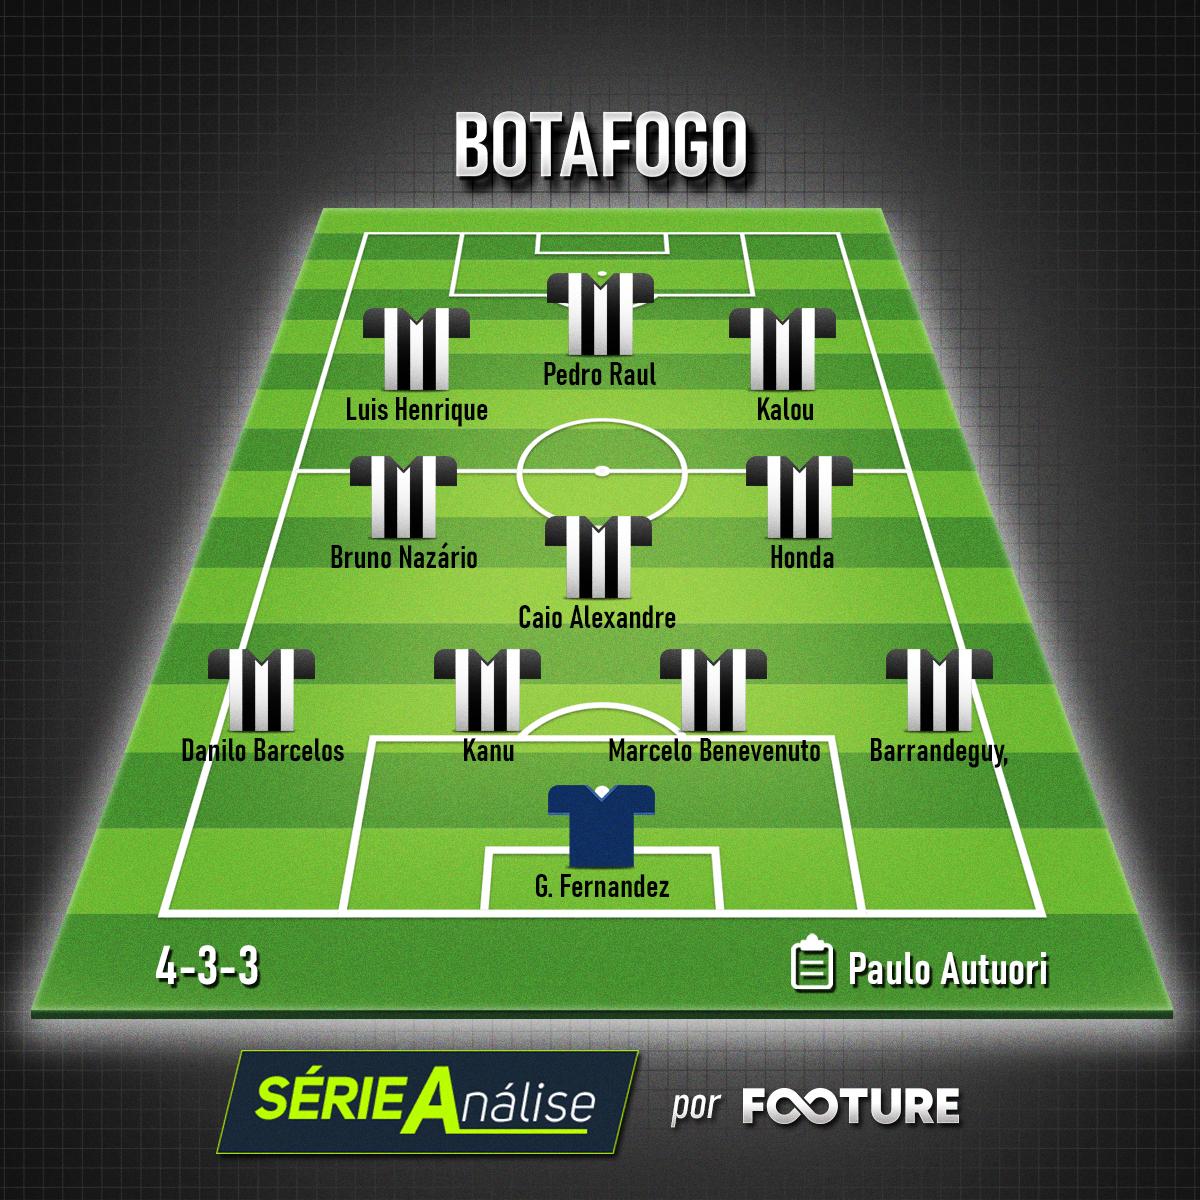 O time base do Botafogo para o Brasileirão 2020